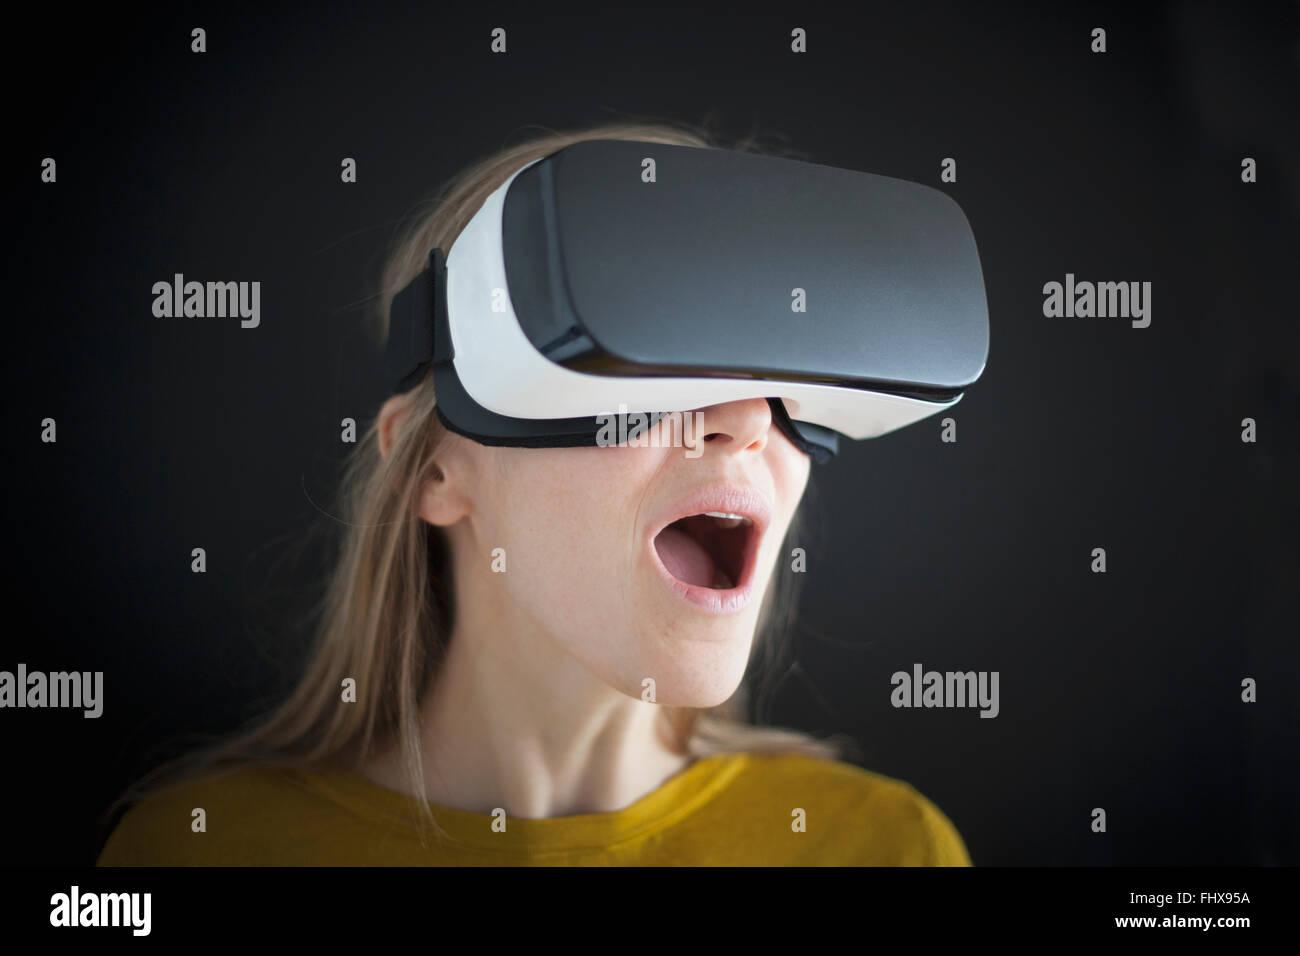 Stupito donna che indossa occhiali per realtà virtuale Immagini Stock